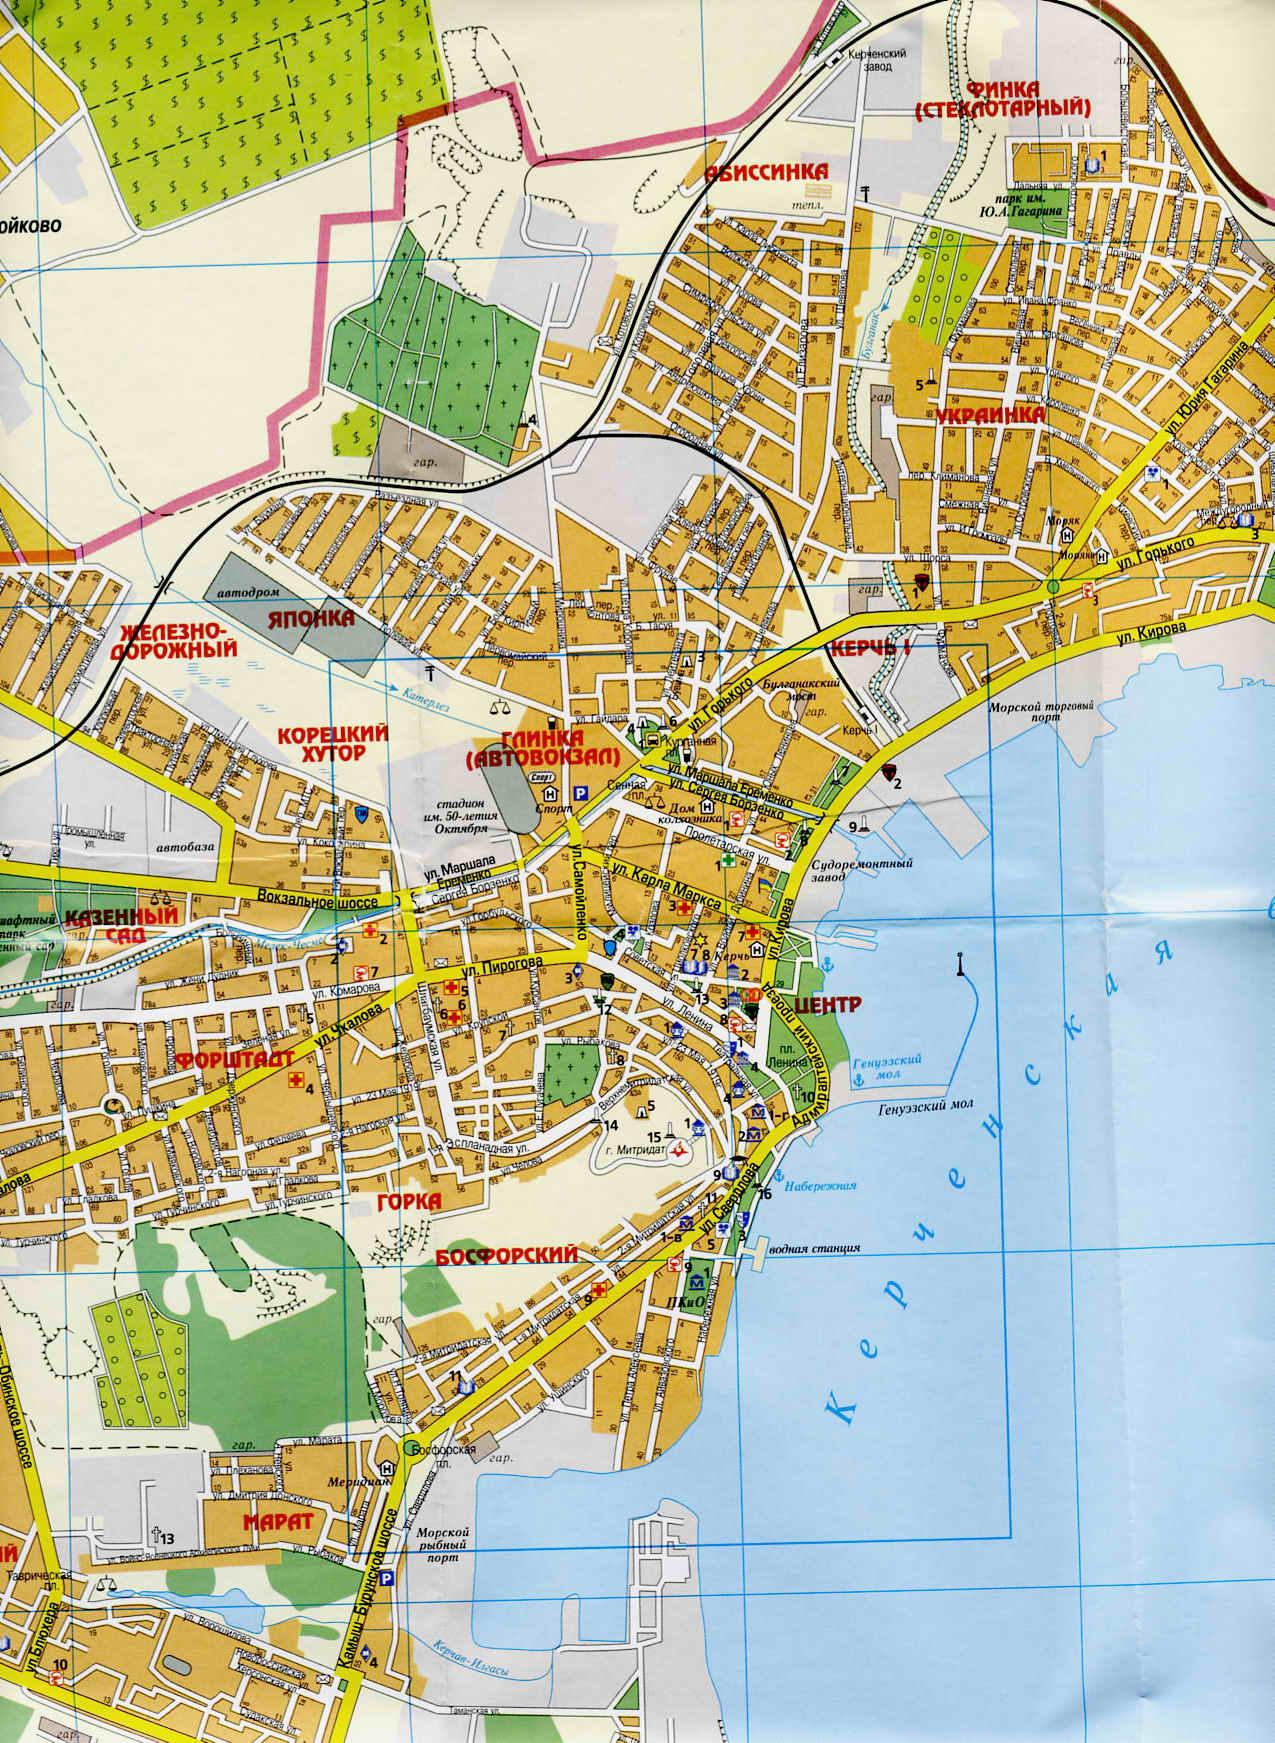 Карта Керчи Подробная карта Керчи с улицами Где находится гора  Карта Керчи фото